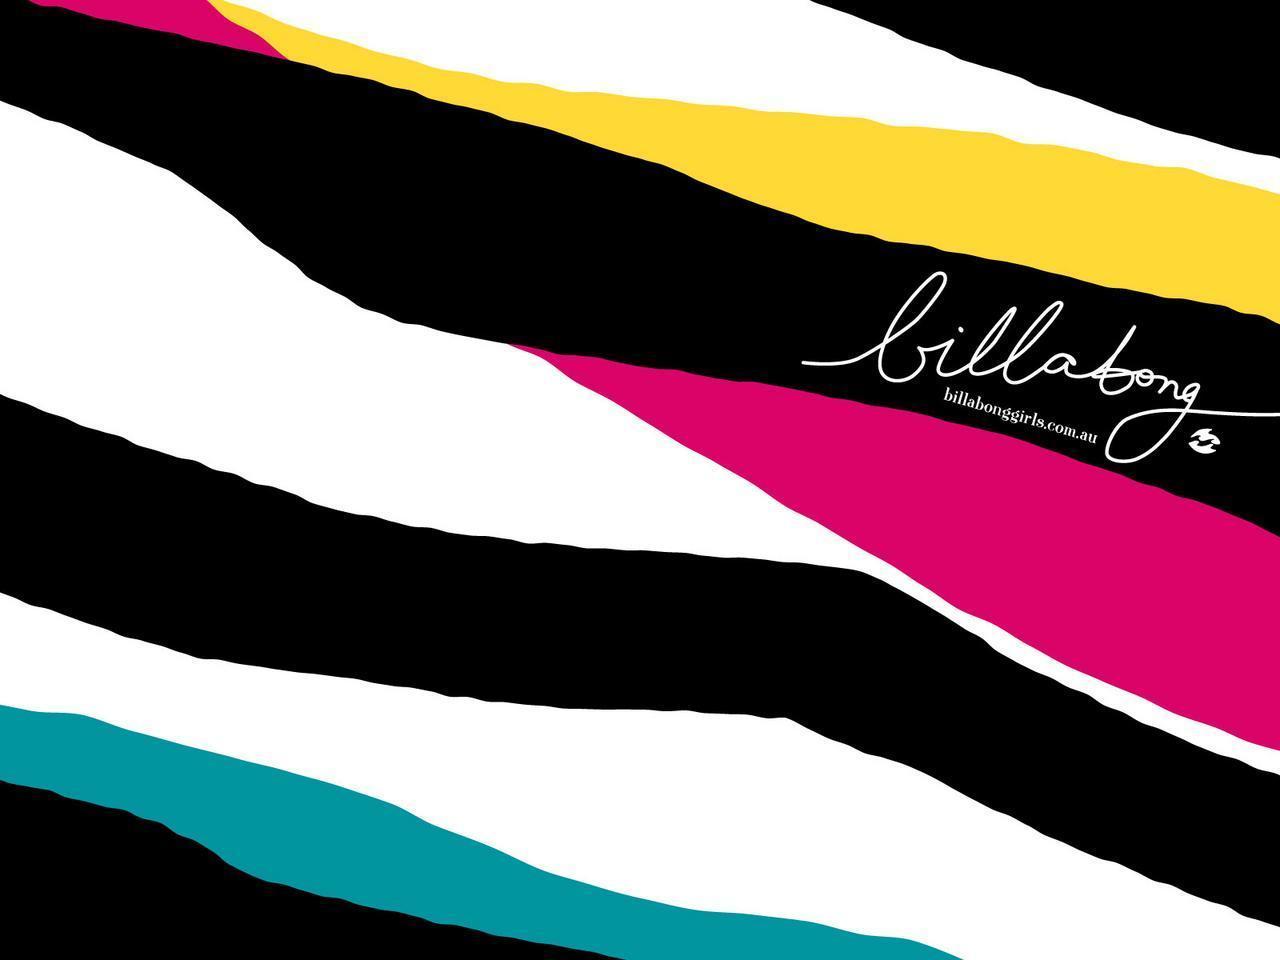 Billabong   Billabong Wallpaper 2282008 1280x960